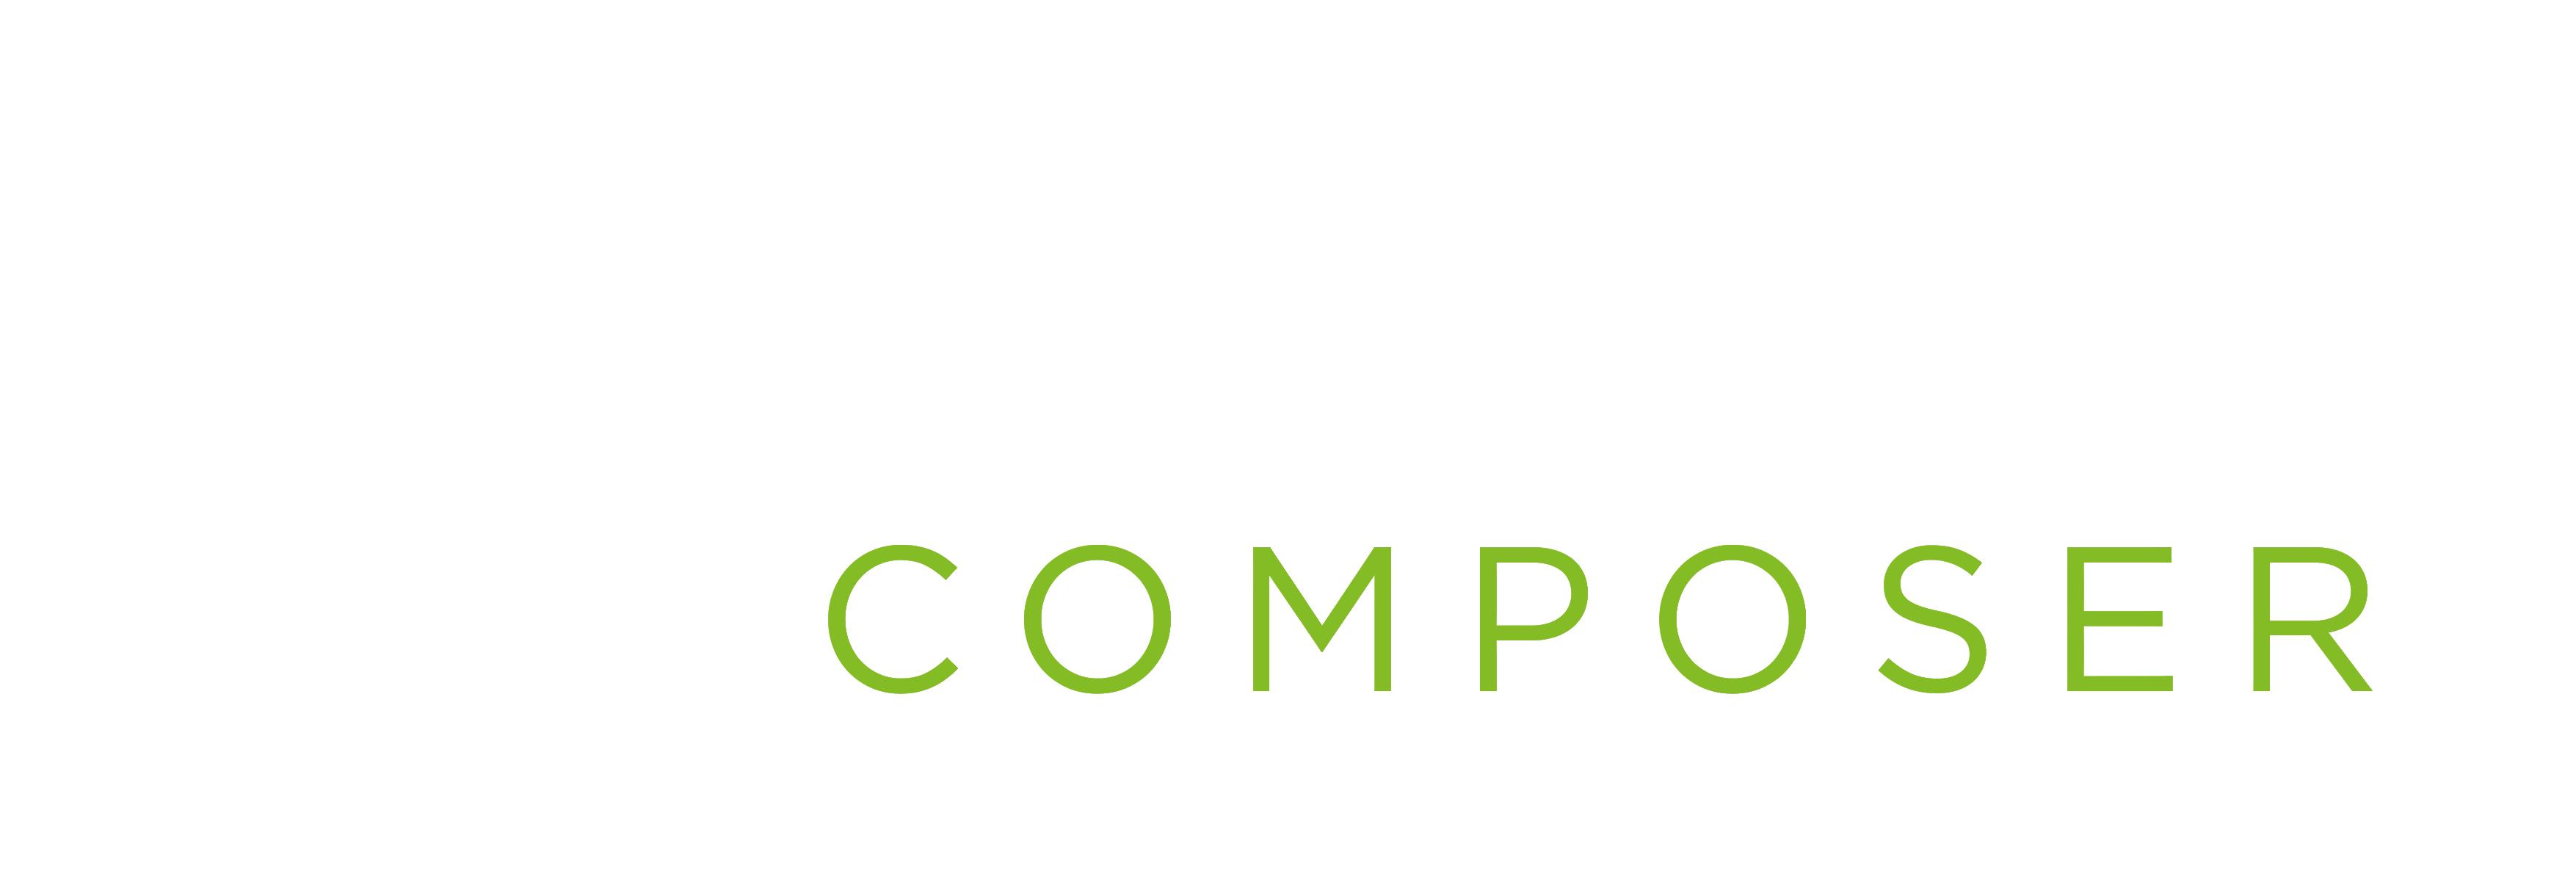 Luigi Maiello Composer